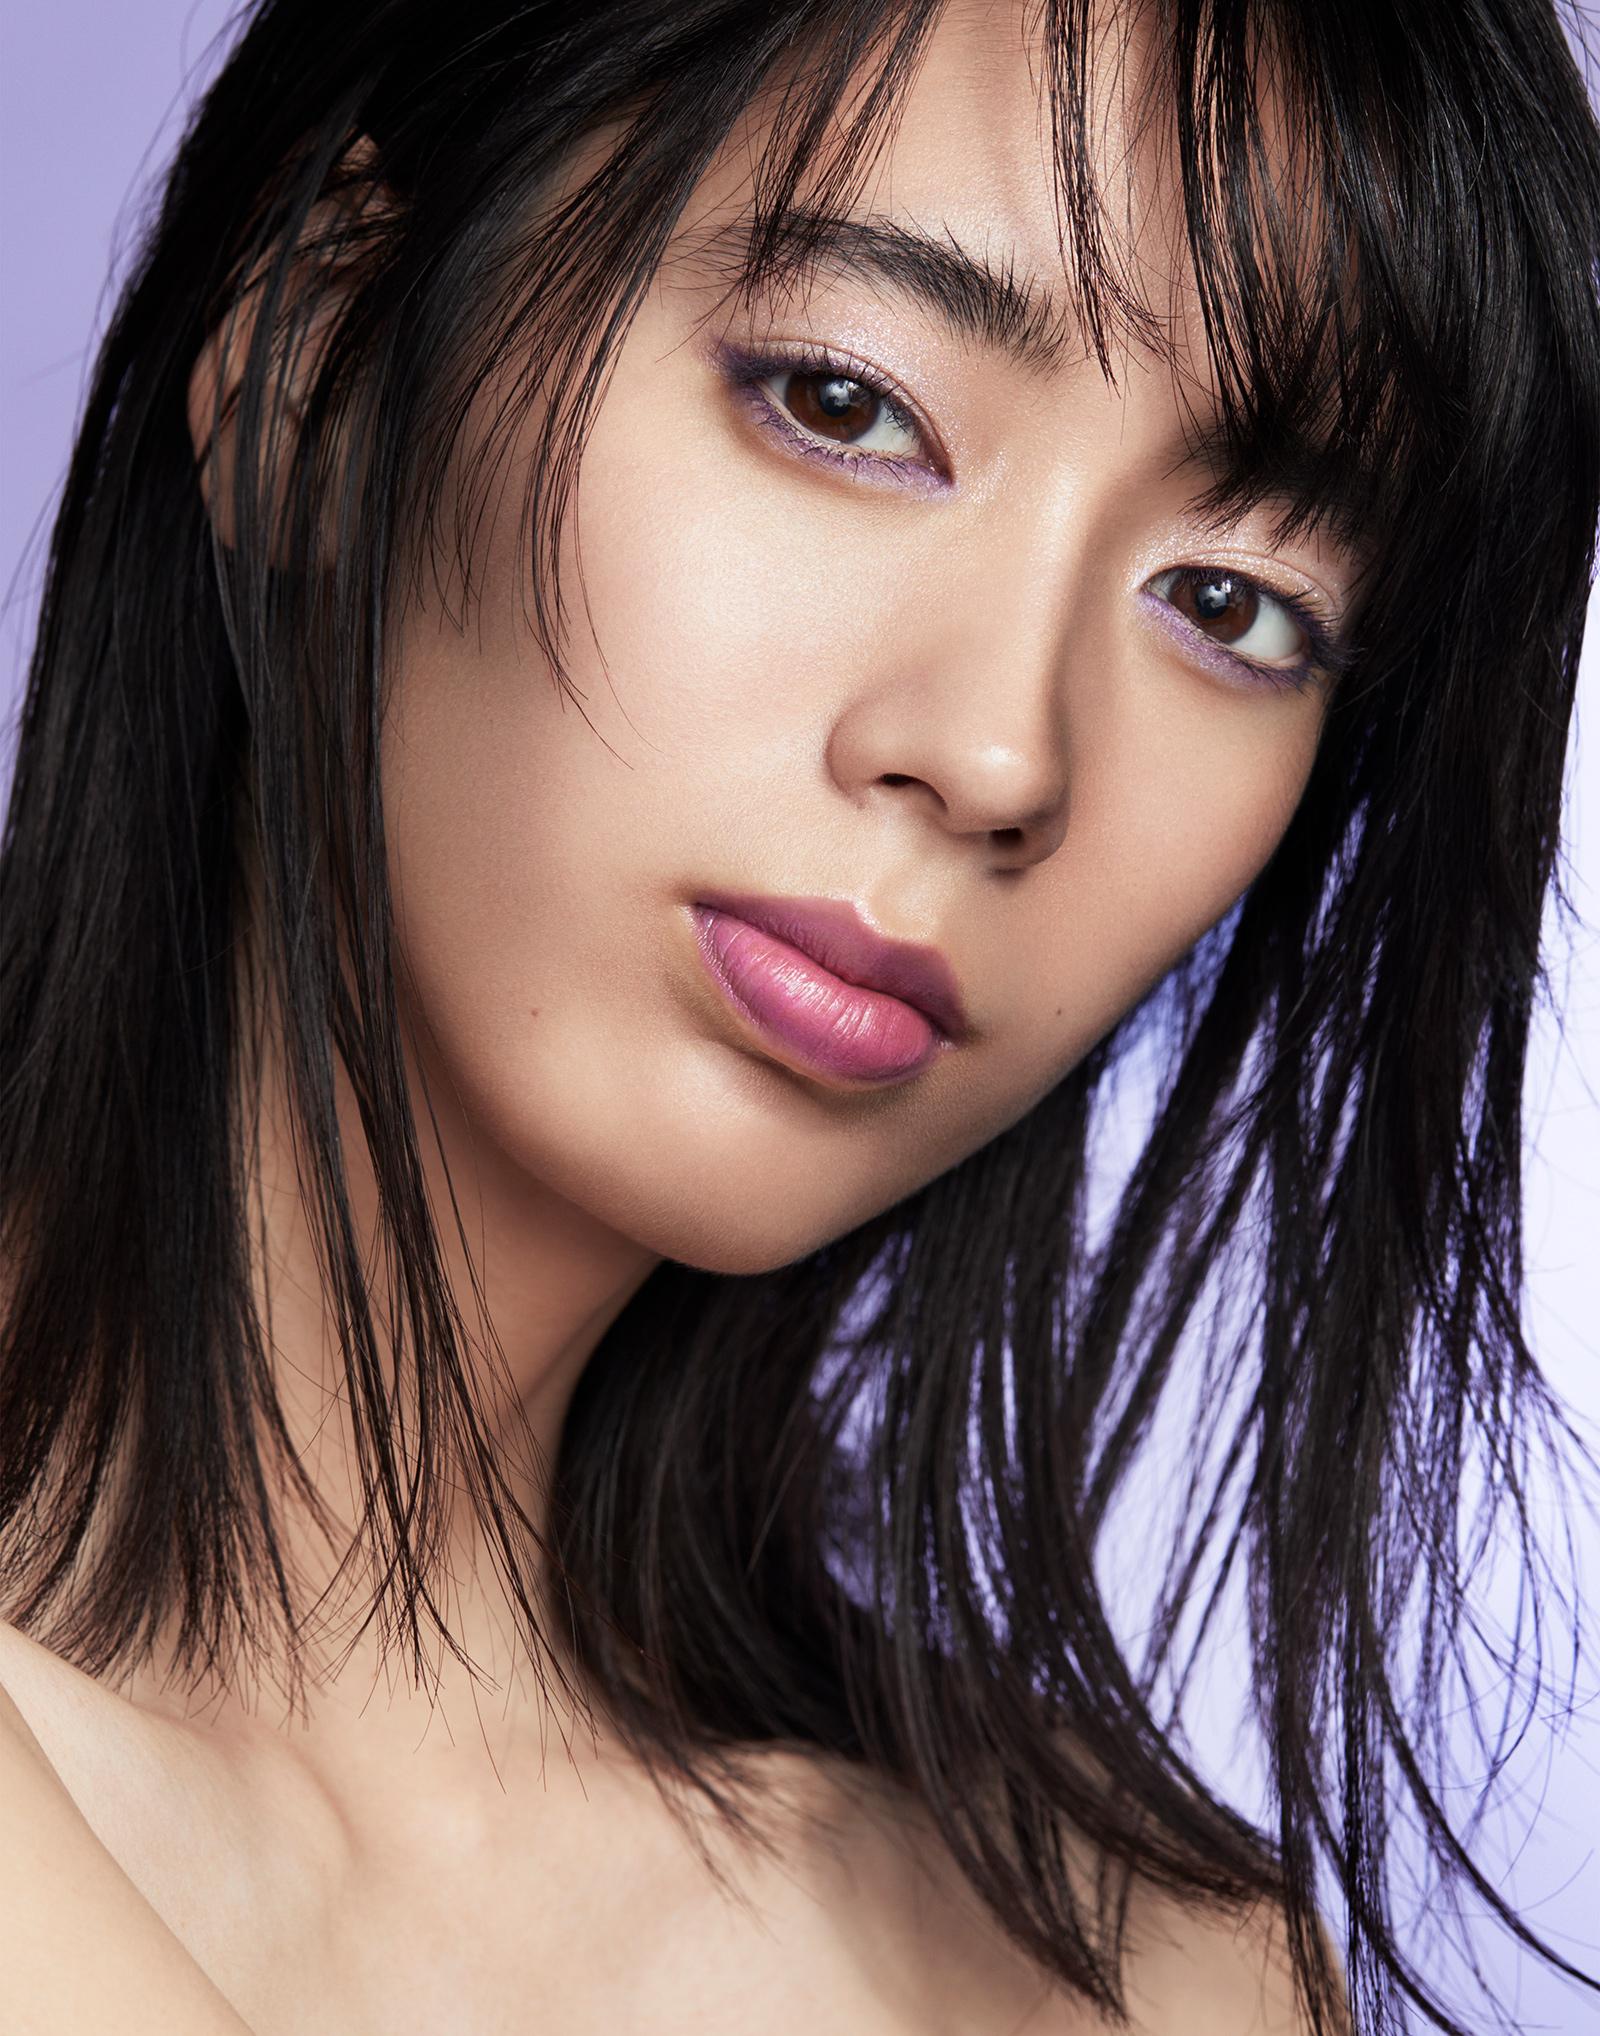 Personal Beauty Akira